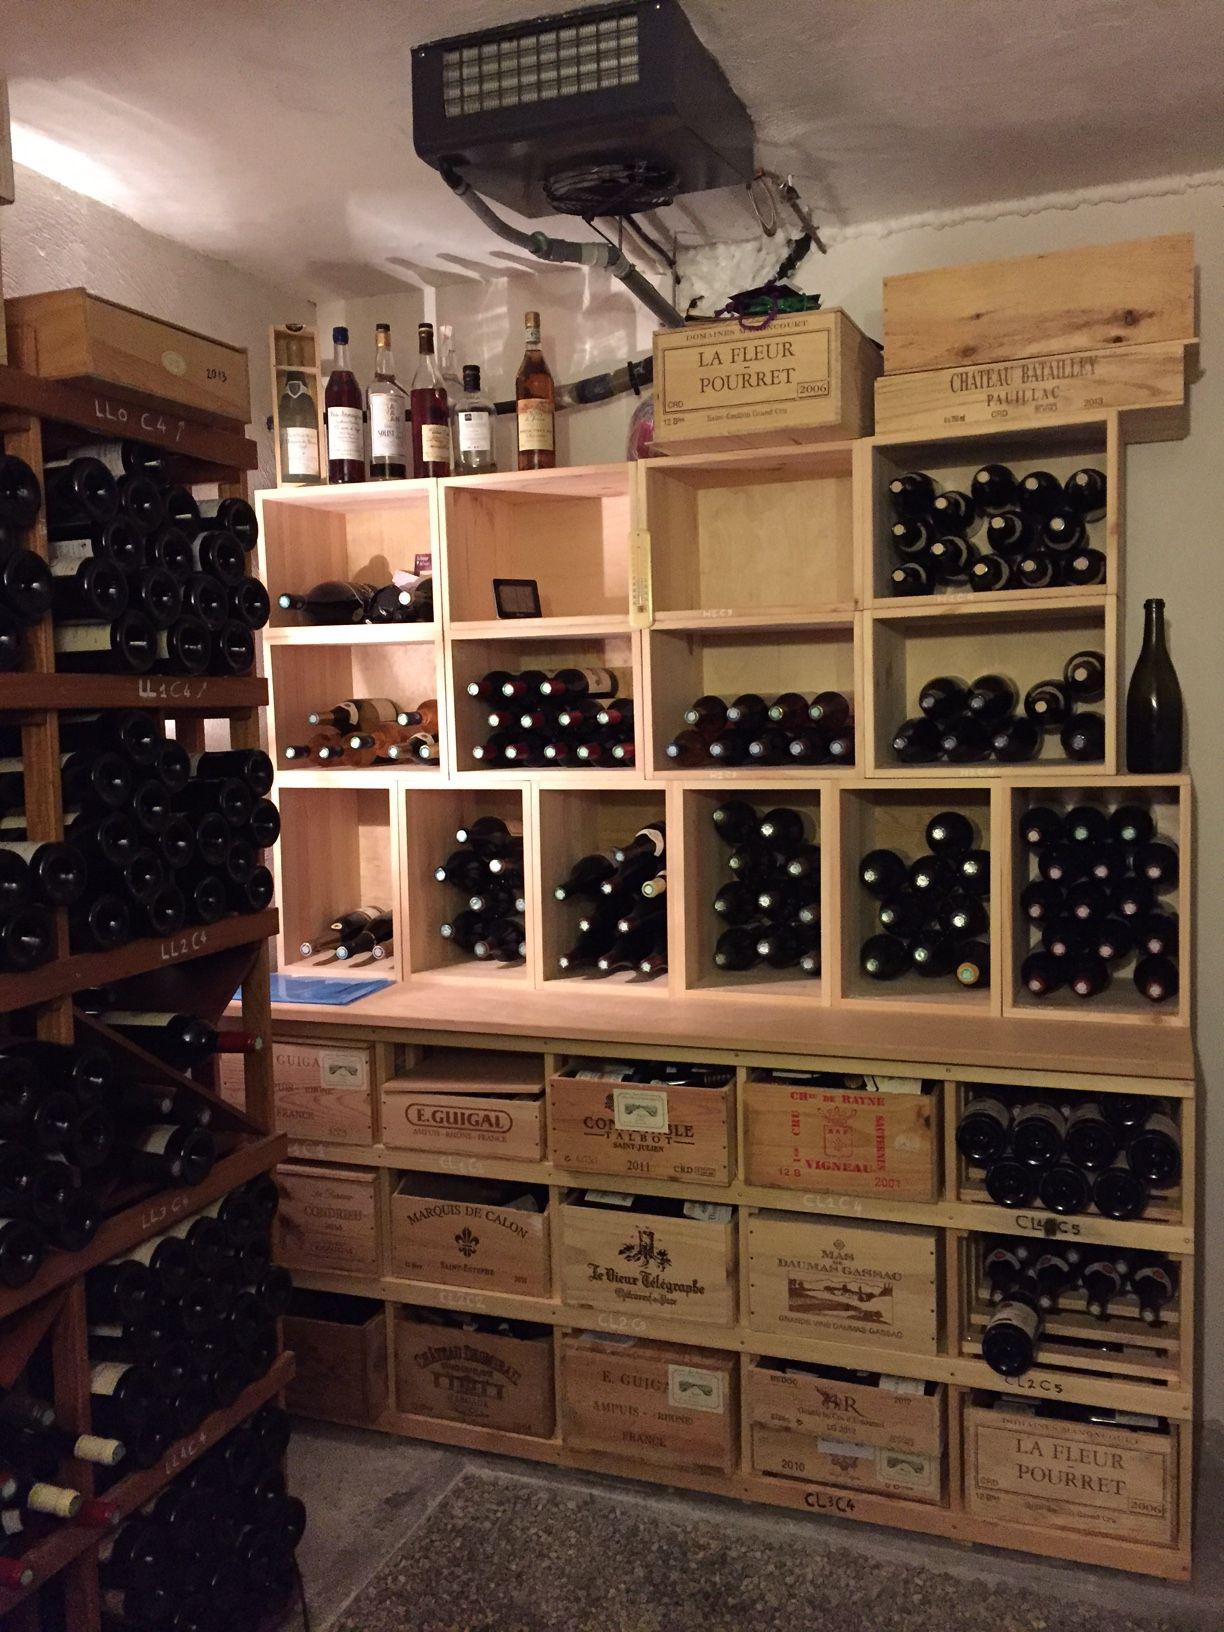 Casiers Pour Bouteilles Casier Vin Cave A Vin Rangement Du Vin Amenagement Cave Casier Bois Meuble En Bois Cave A Vin Casier Bois Amenagement Cave A Vin